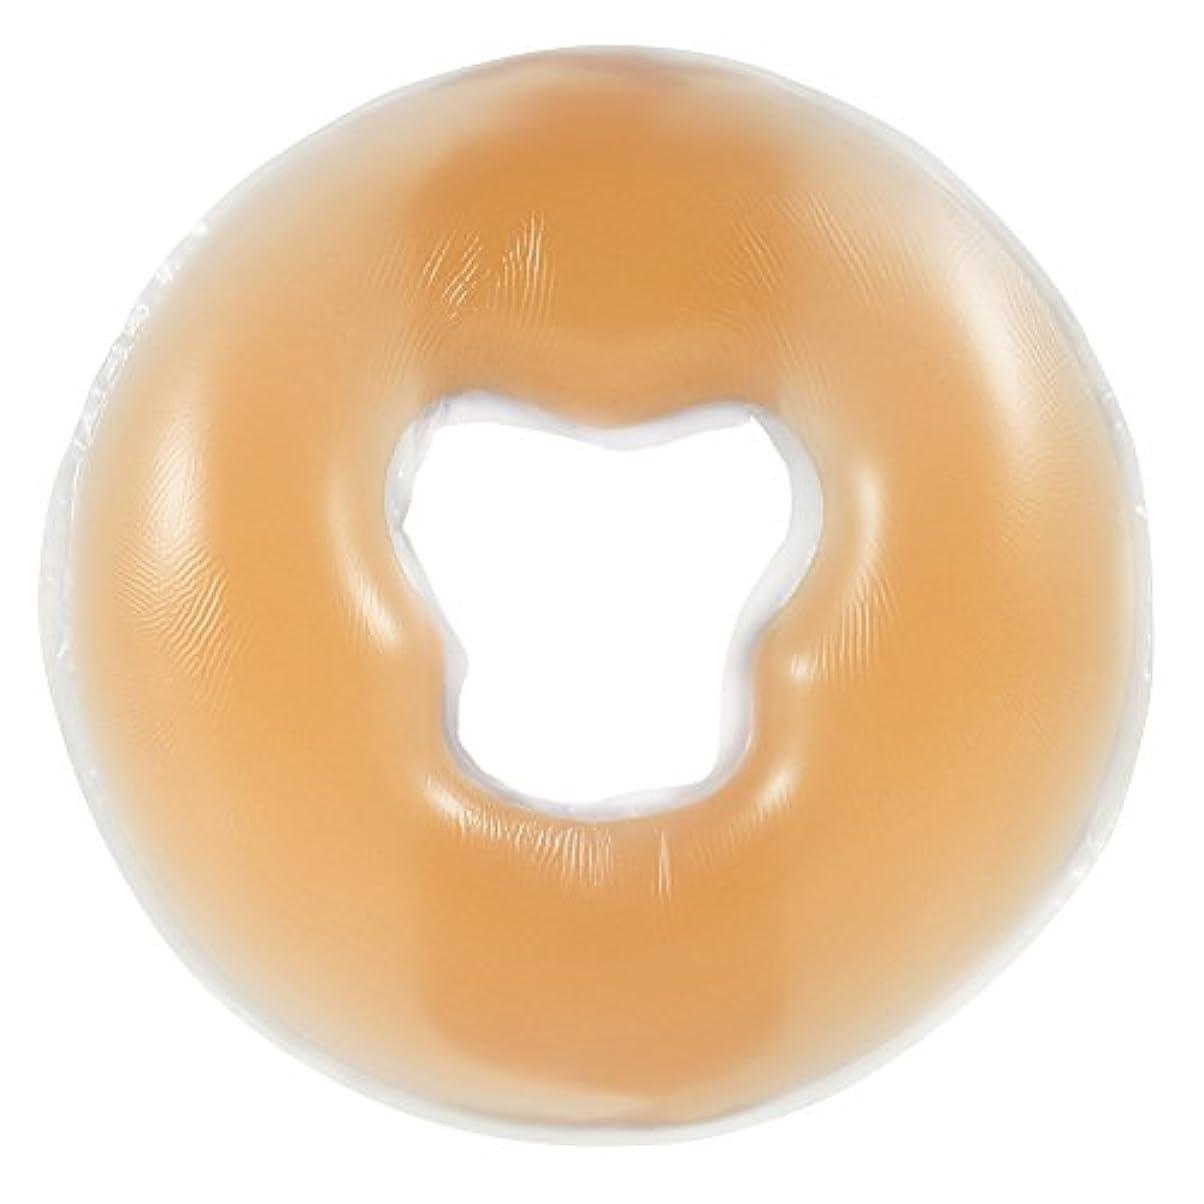 忠誠パースフェンス4色シリコンピローマッサージ美容スキンケアソフトオーバーレイフェイスリラックスクレードルクッションパッド(肤色)